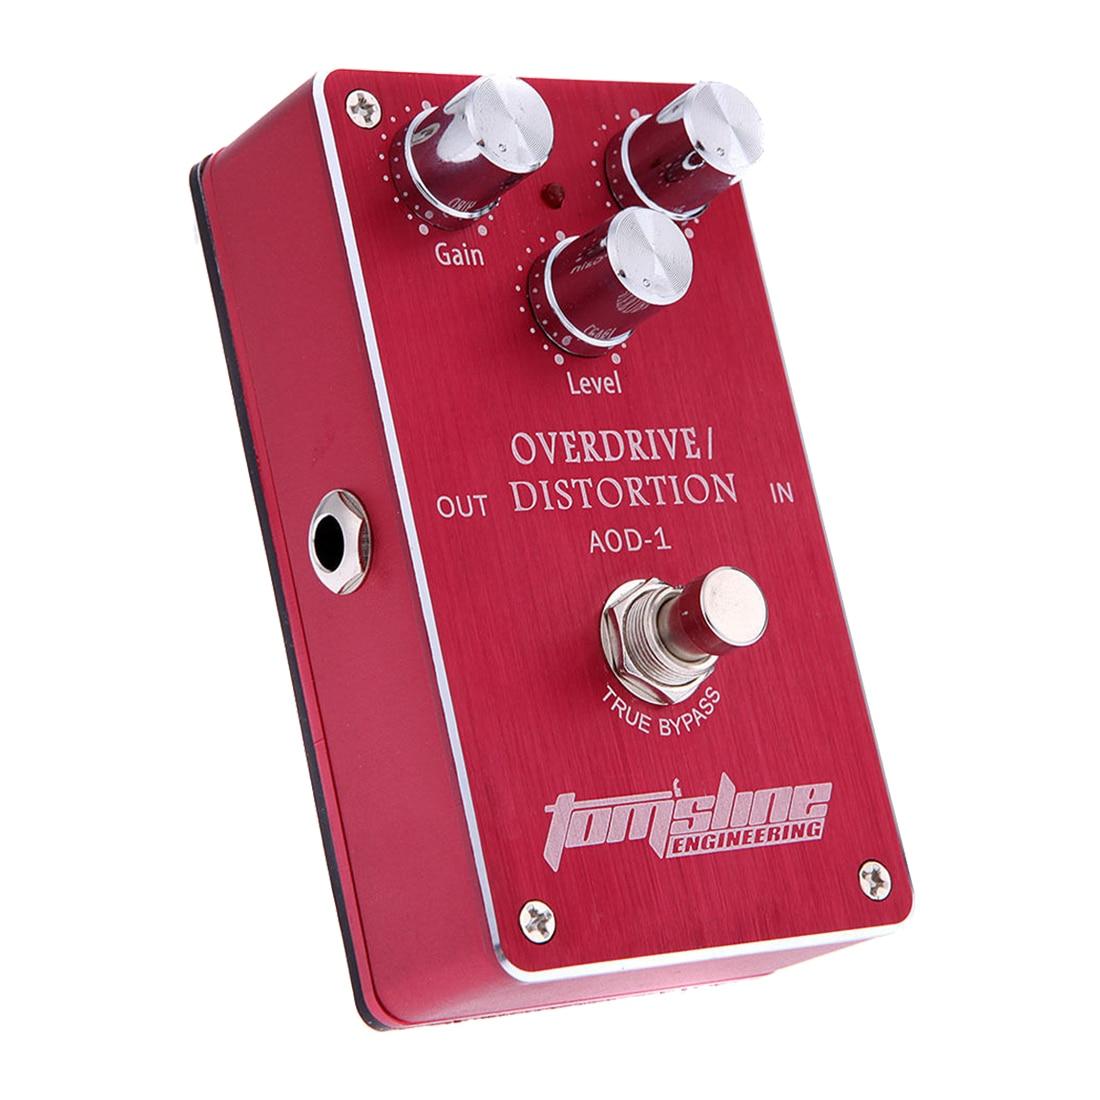 Aroma AOD-1 Electric Guitar Bass Overdrive Distortion Effect Pedal True Bypass педаль overdrive и distortion ampeg scrambler bass overdrive